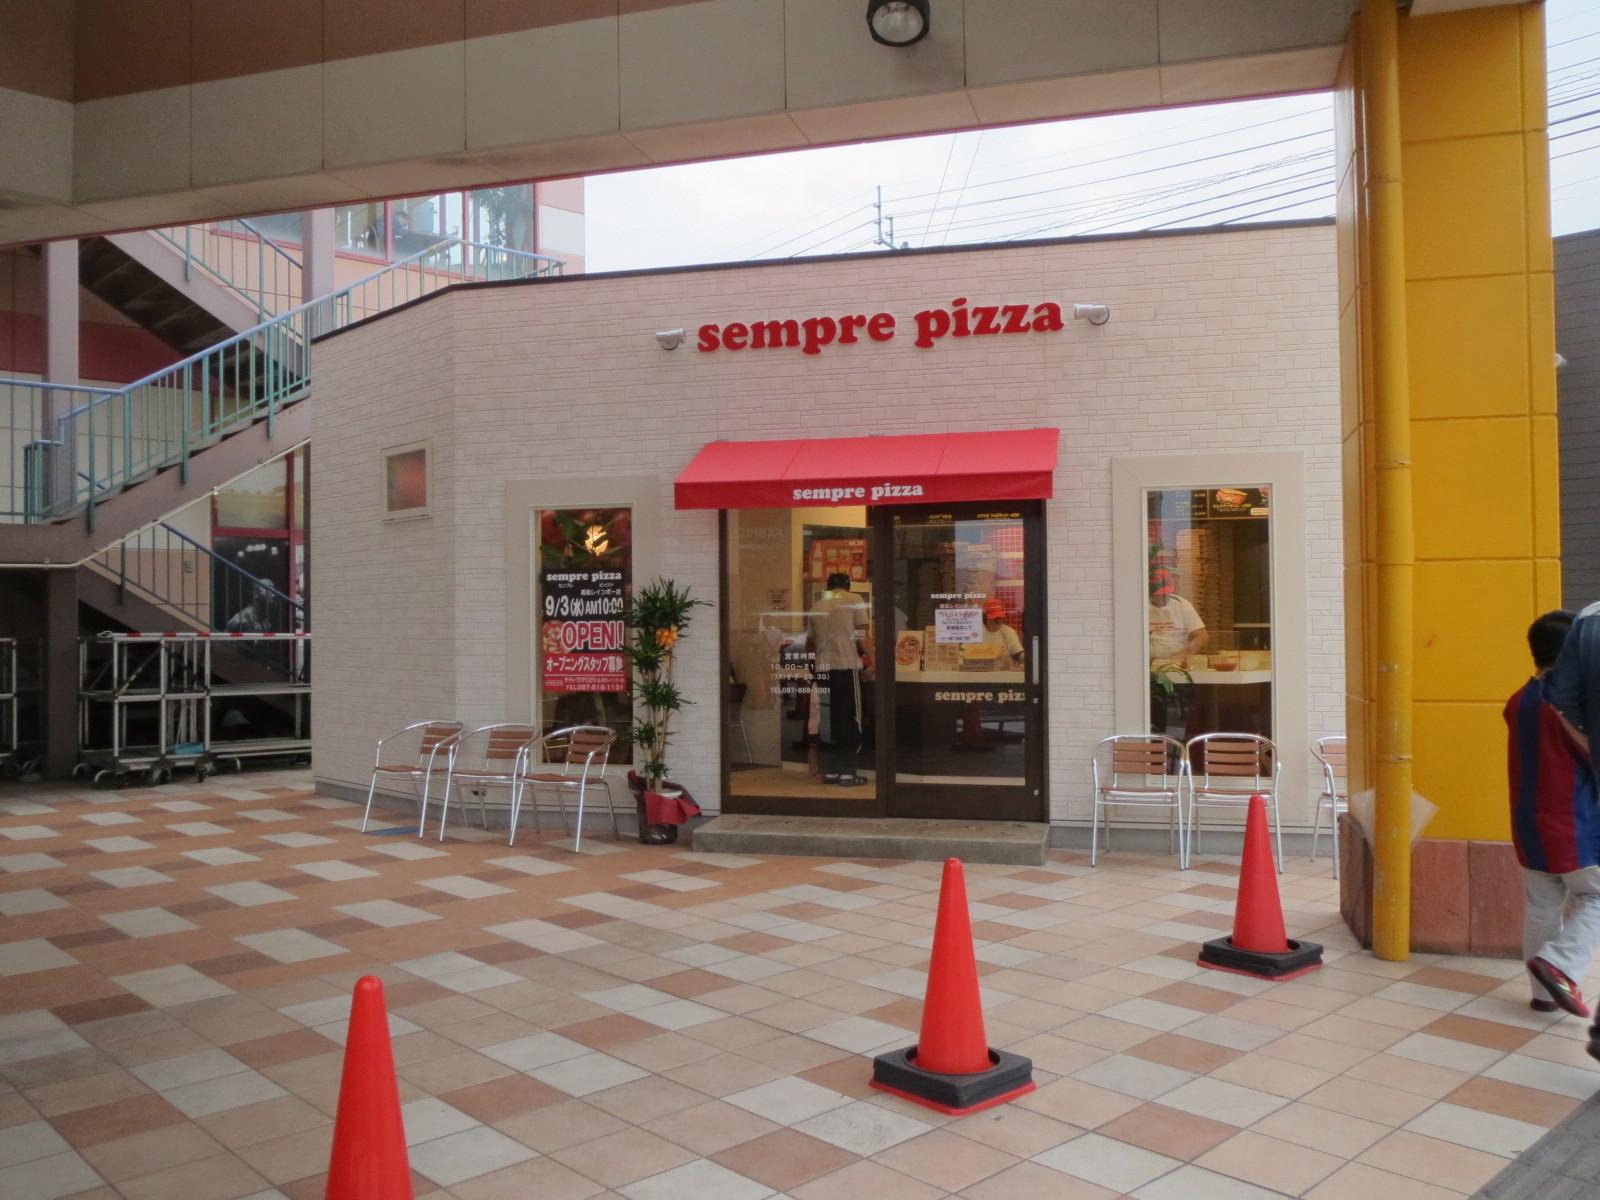 センプレ ピッツァ 高松レインボー店